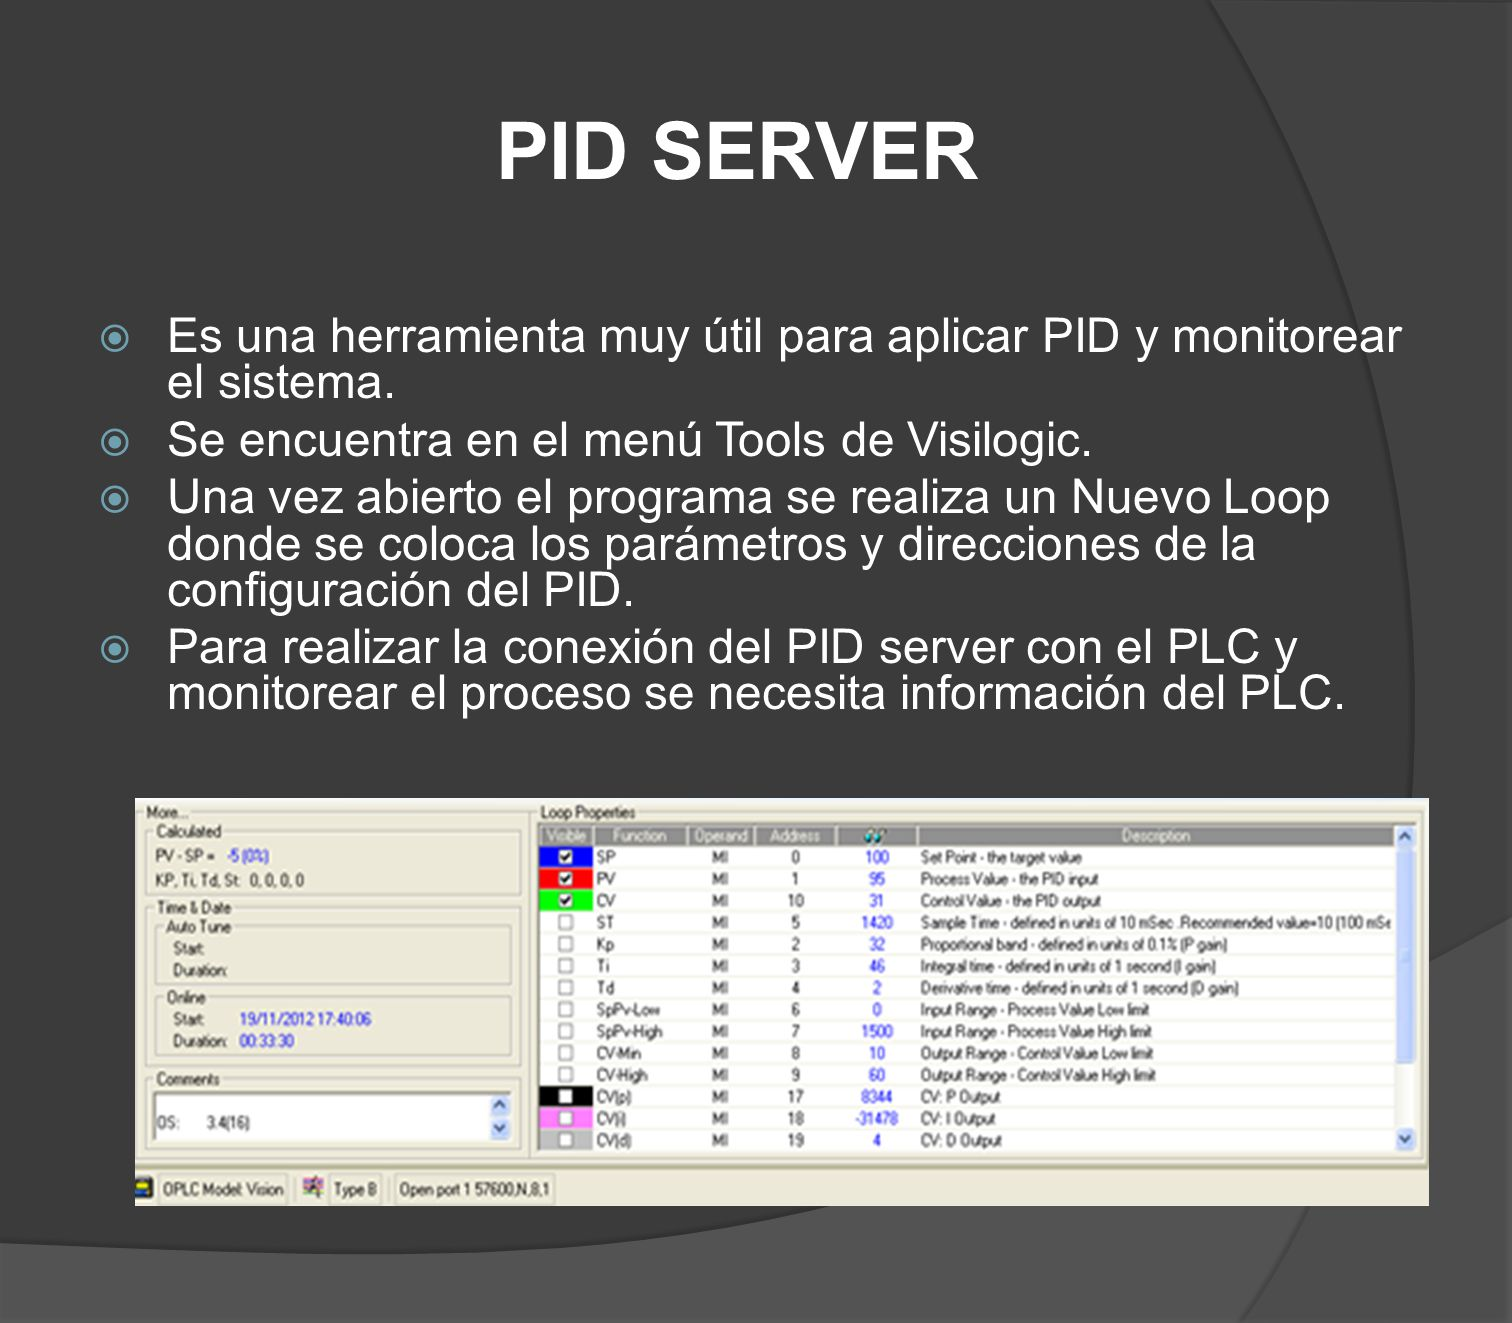 PID SERVER Es una herramienta muy útil para aplicar PID y monitorear el sistema. Se encuentra en el menú Tools de Visilogic.